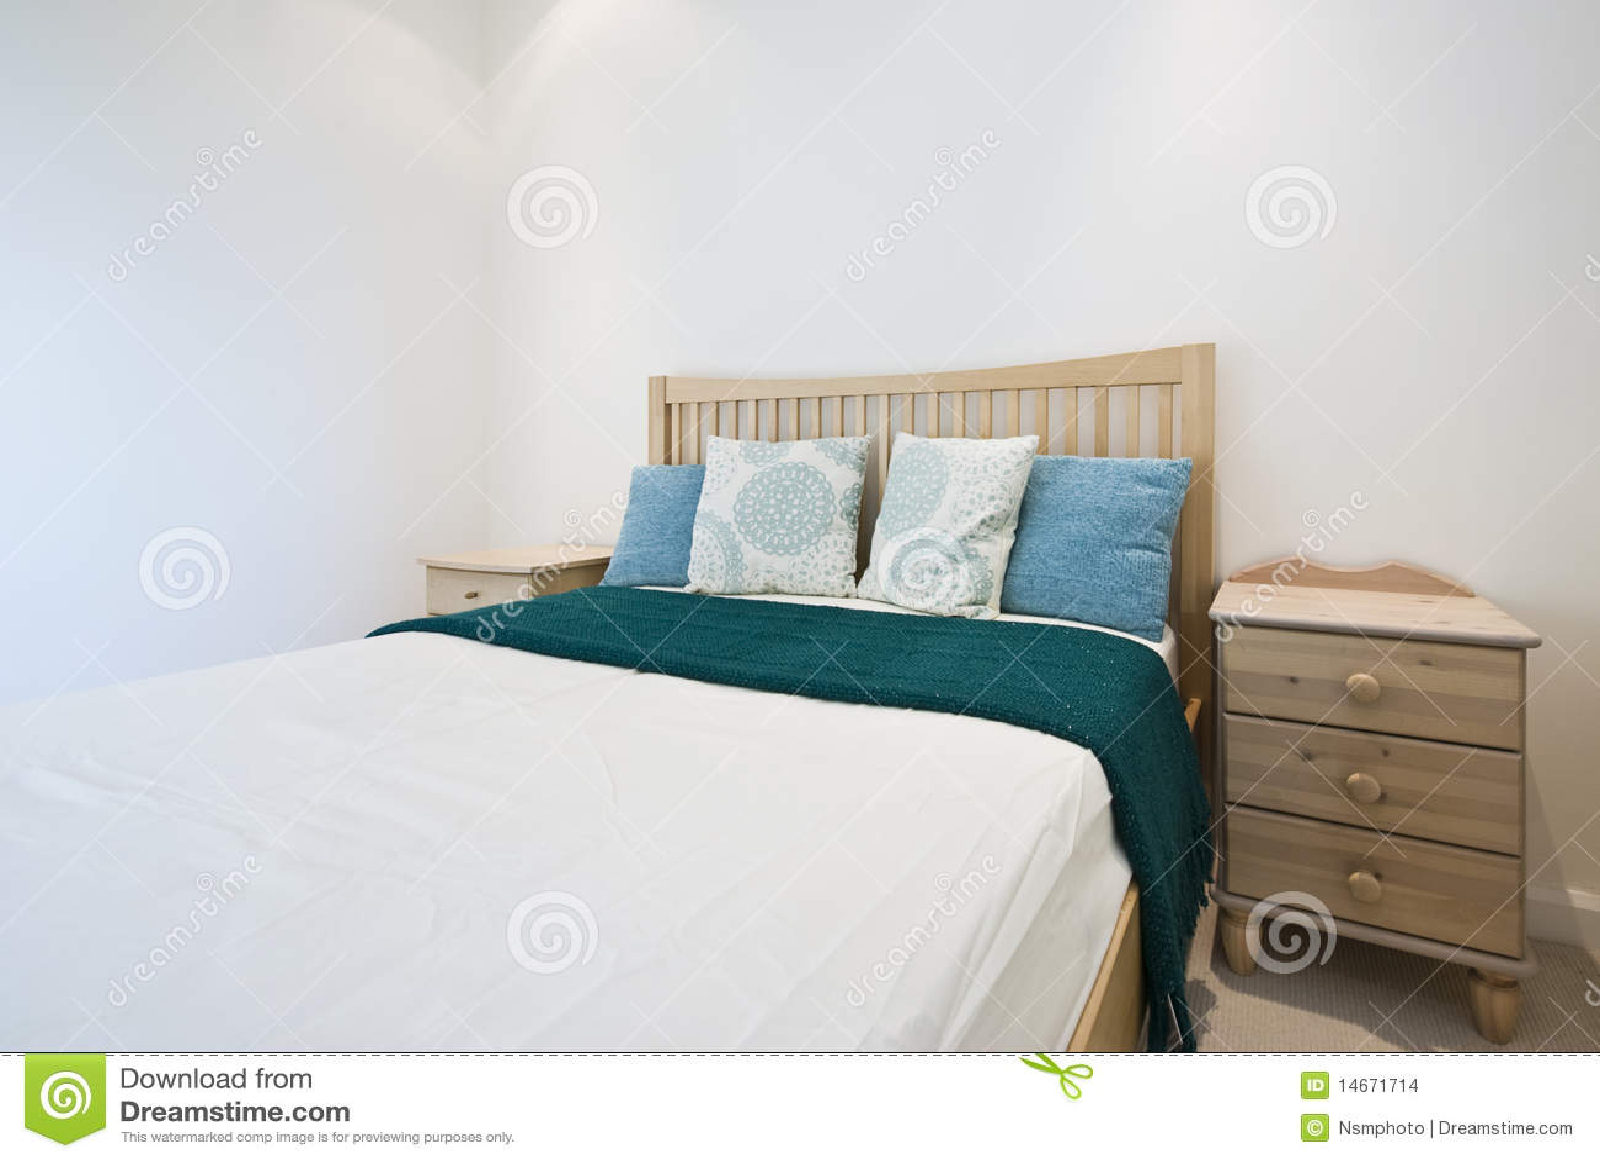 Particolare di una camera da letto moderna fotografia stock immagine di mobilia beige 14671714 - Immagini camera da letto moderna ...